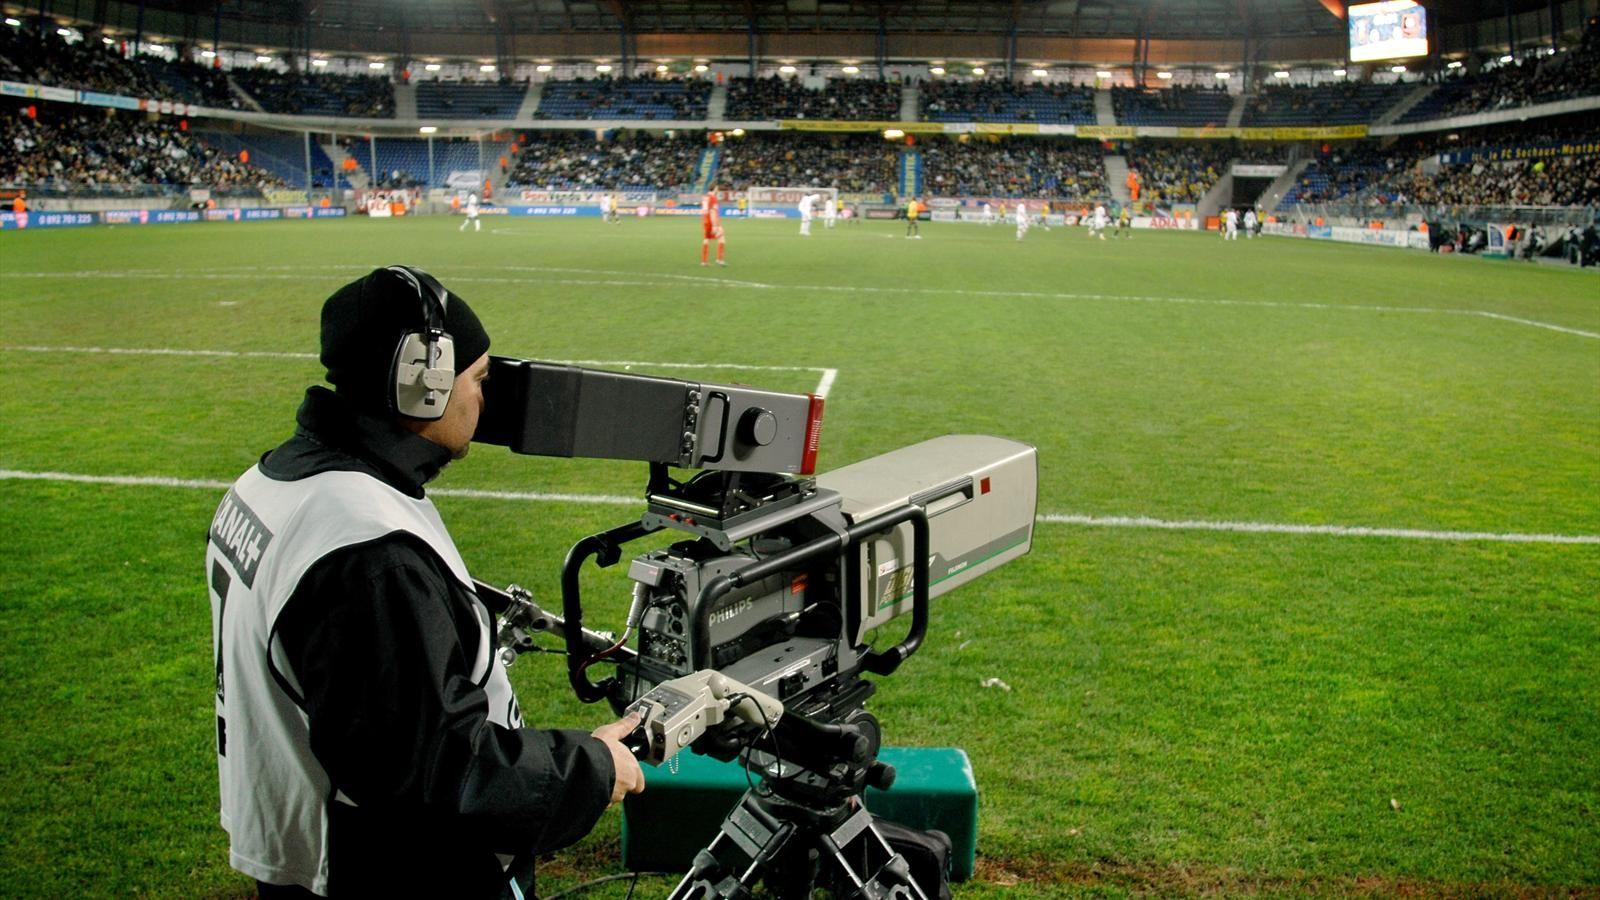 Calcio e diritti tv: ci vorranno due abbonamenti per guardare tutta la Serie A